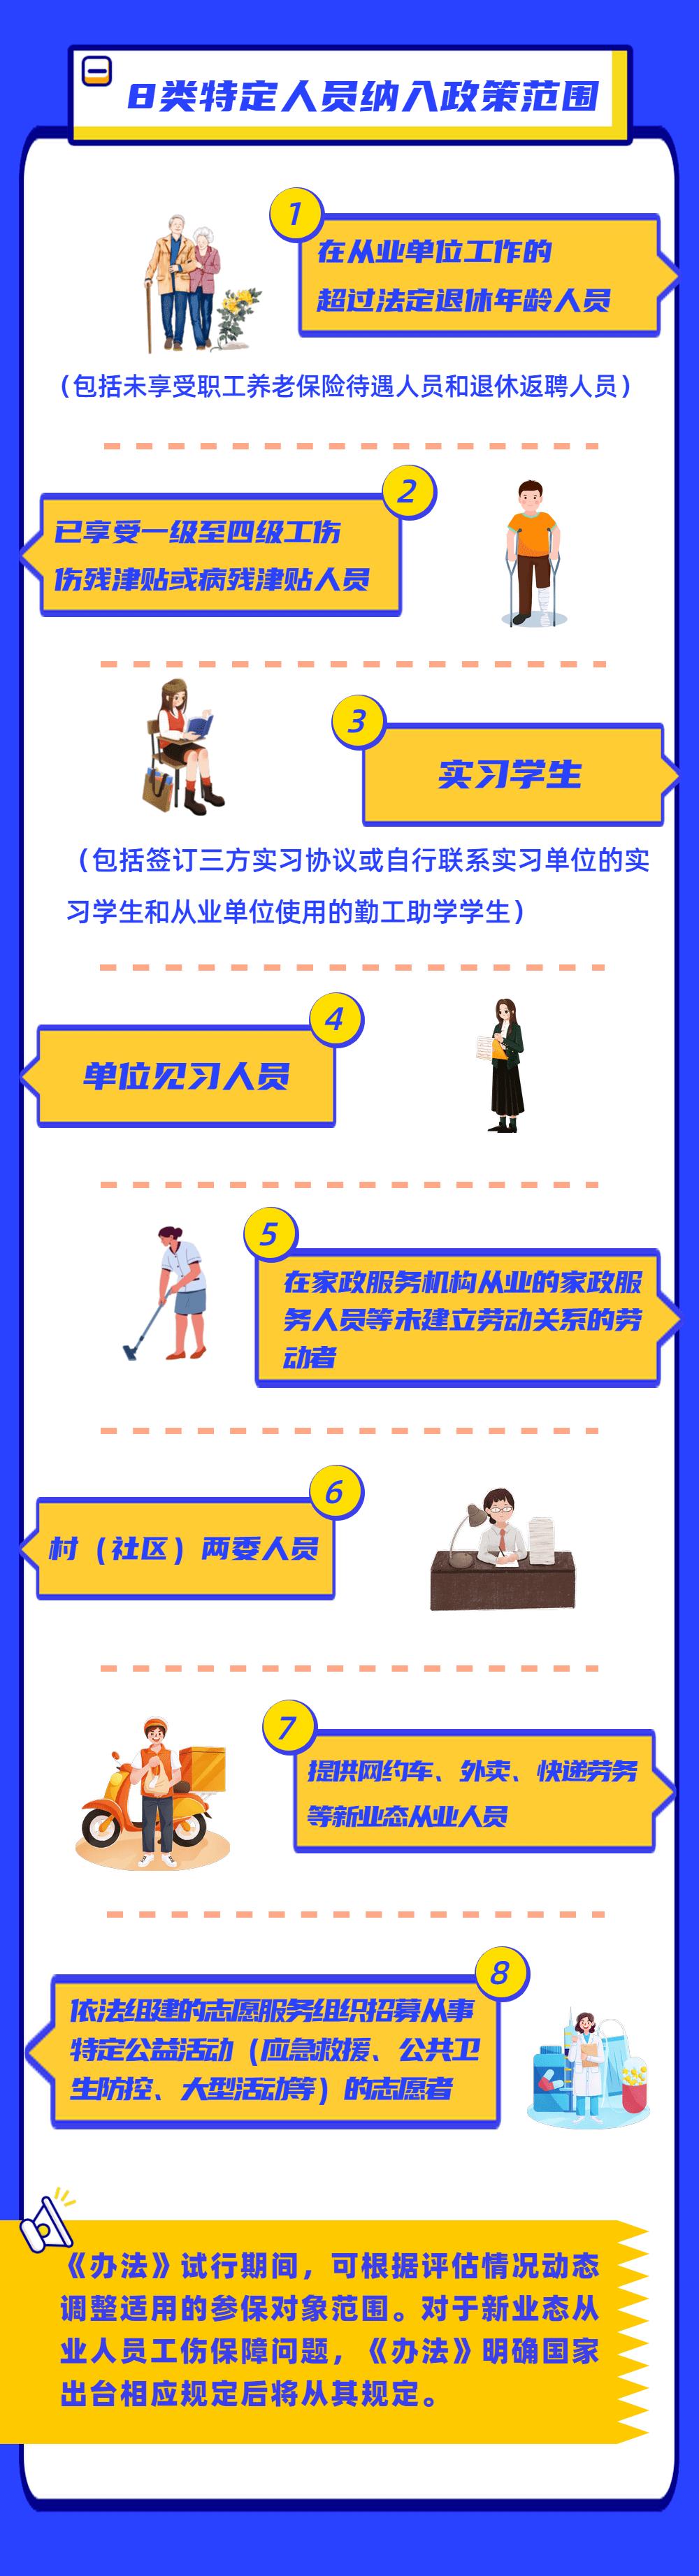 最新:实习学生、外卖小哥等八类人员可参加工伤保险~